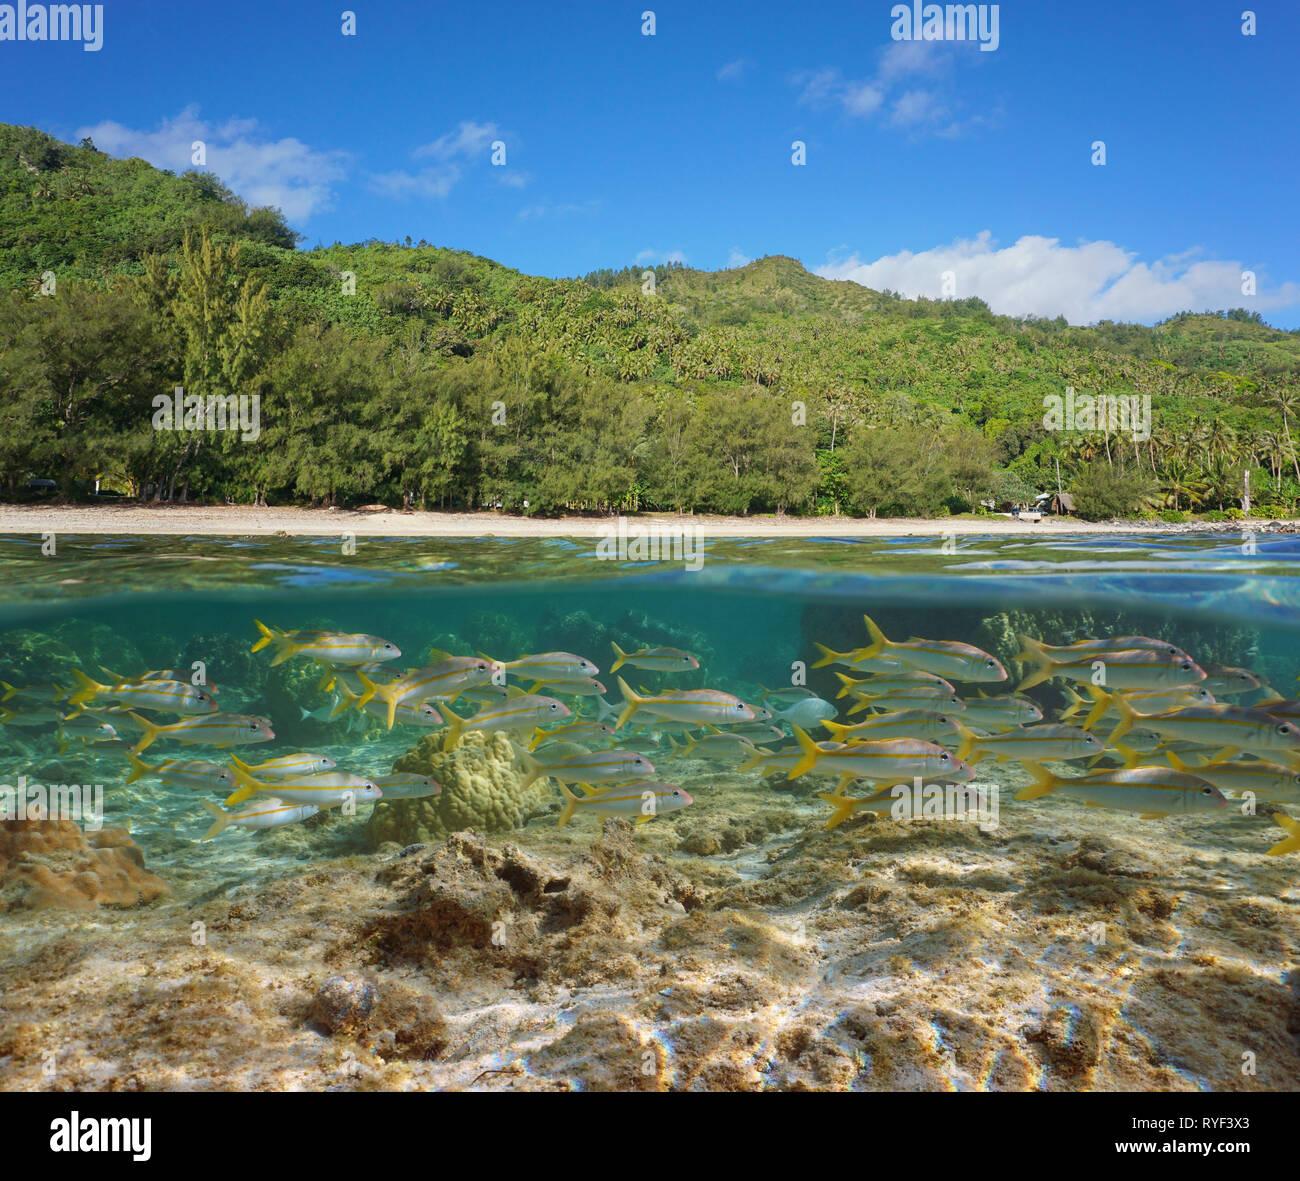 L'île de Rurutu, Polynésie française côte luxuriante avec un banc de poissons sous l'eau, sud pacifique, l'archipel Austral, fractionnée Photo Stock